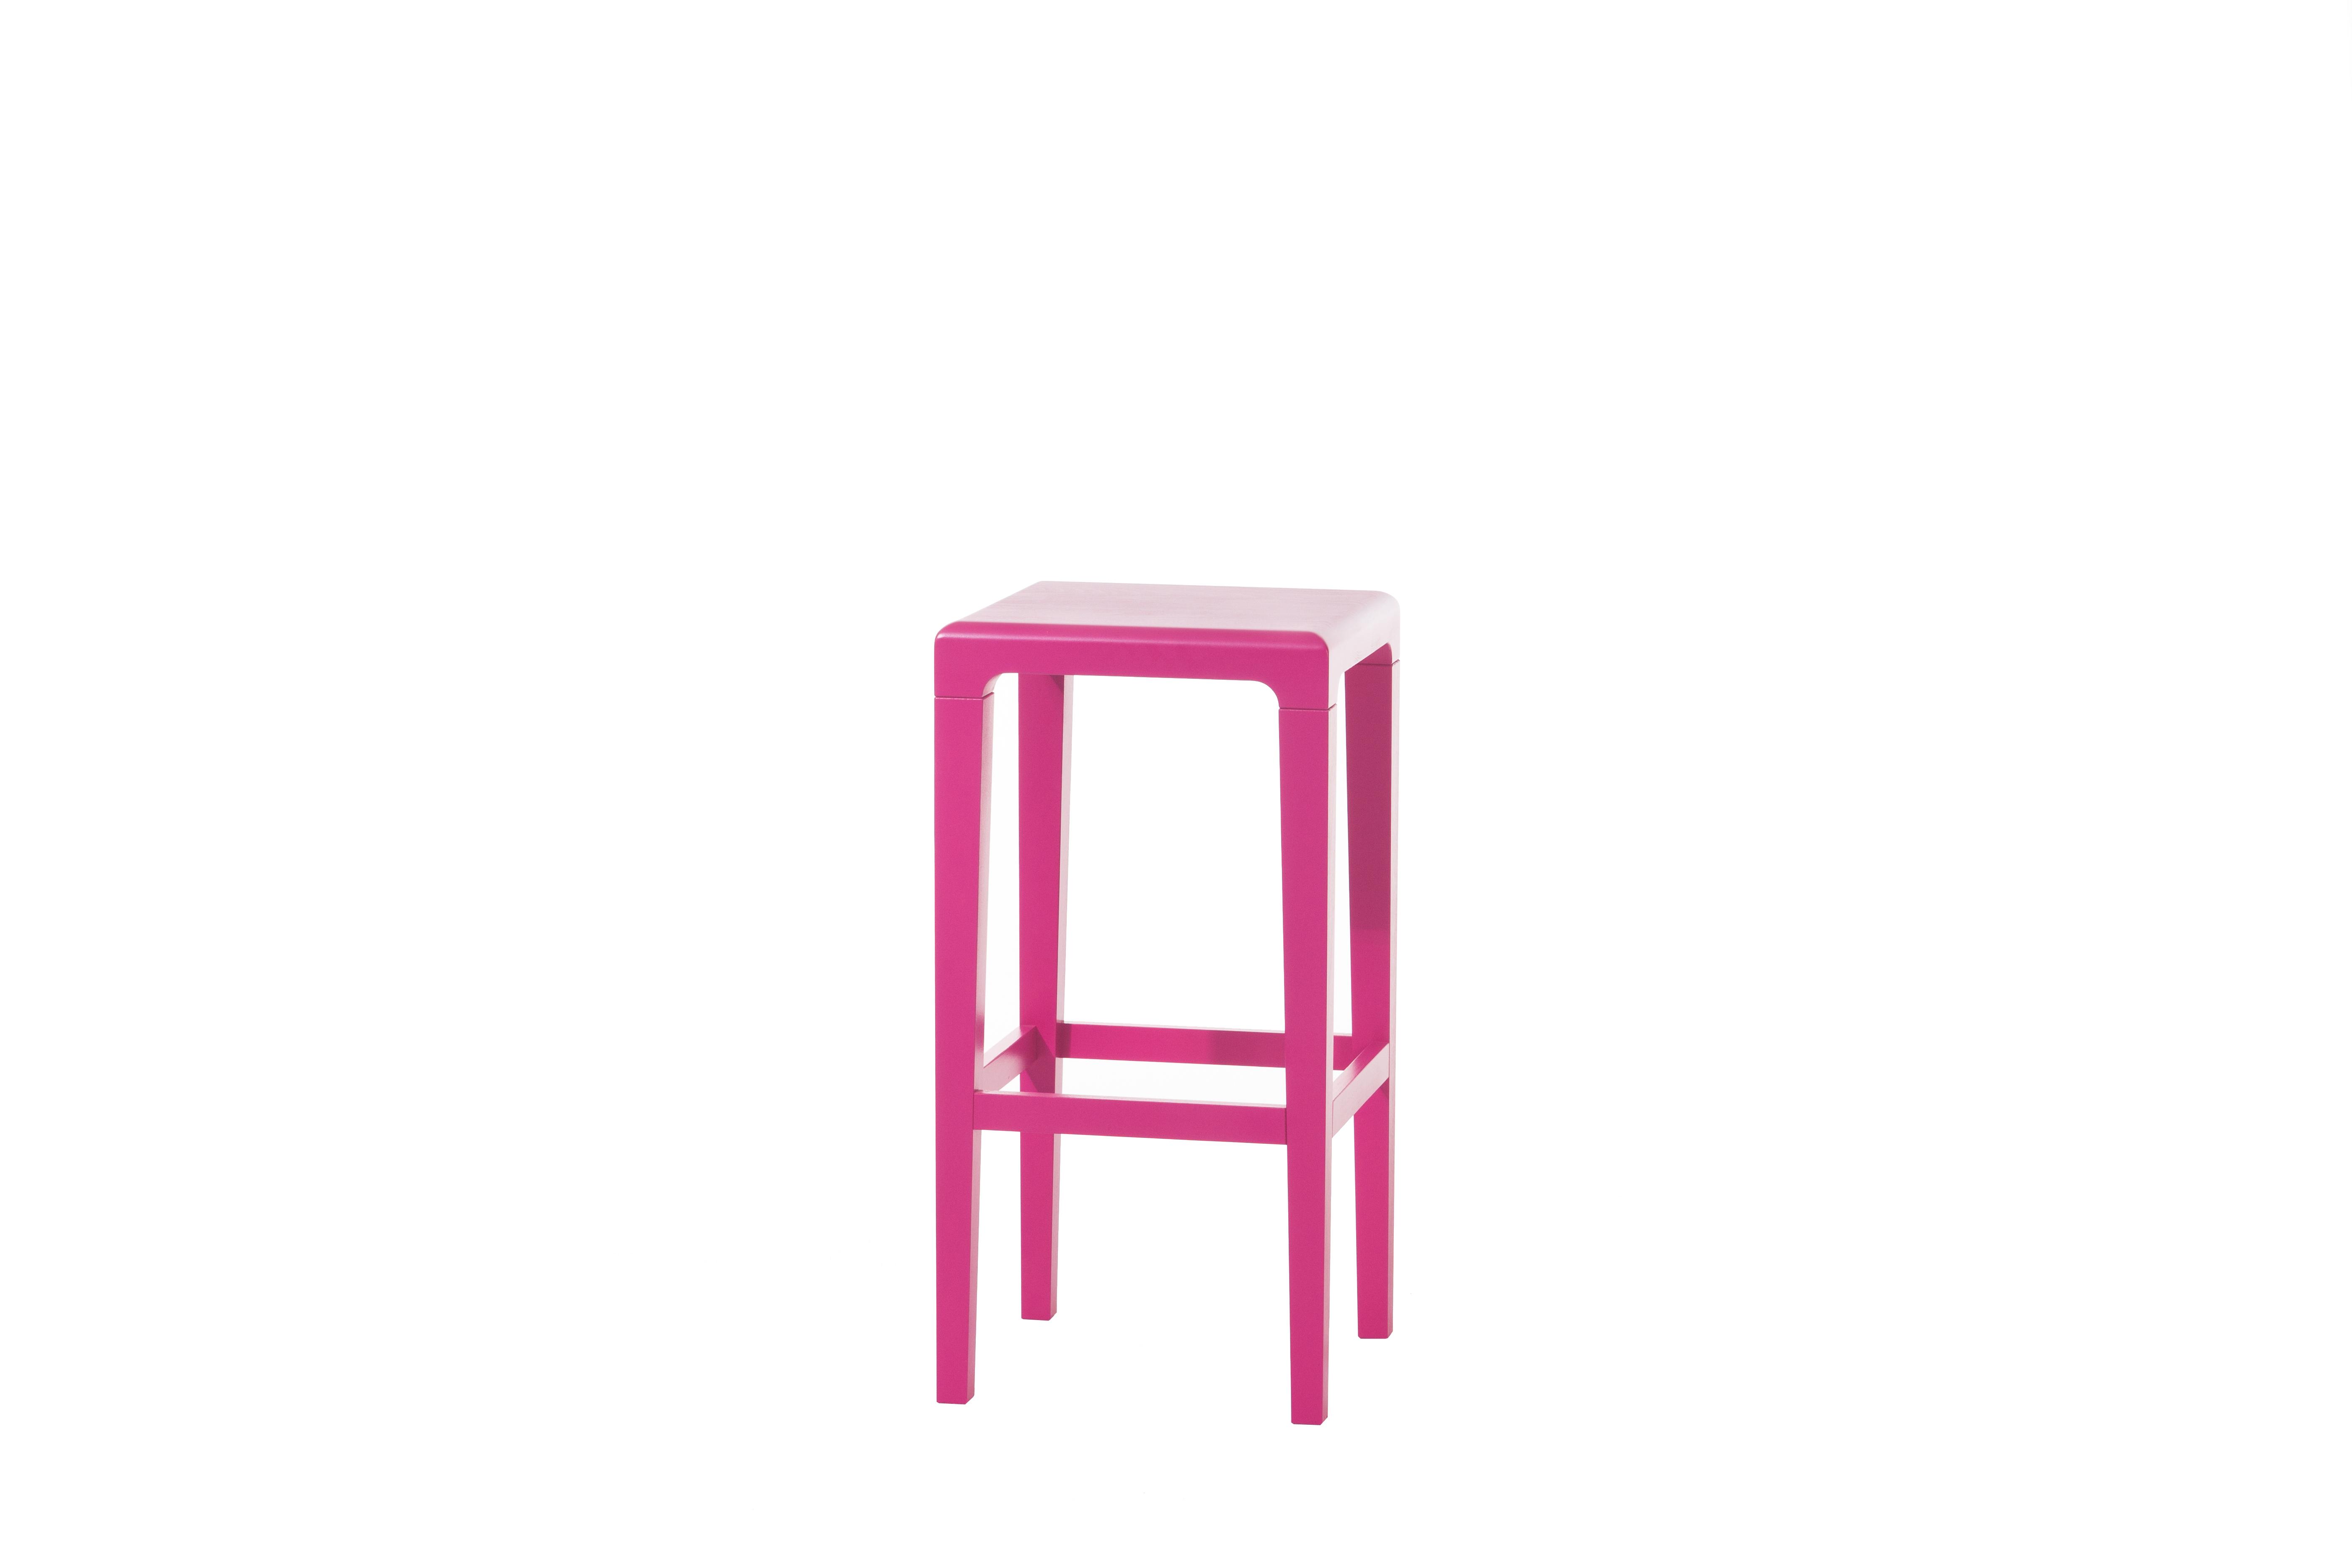 Scaun din lemn de stejar Rioja Pink Small, l32xA32xH64 cm